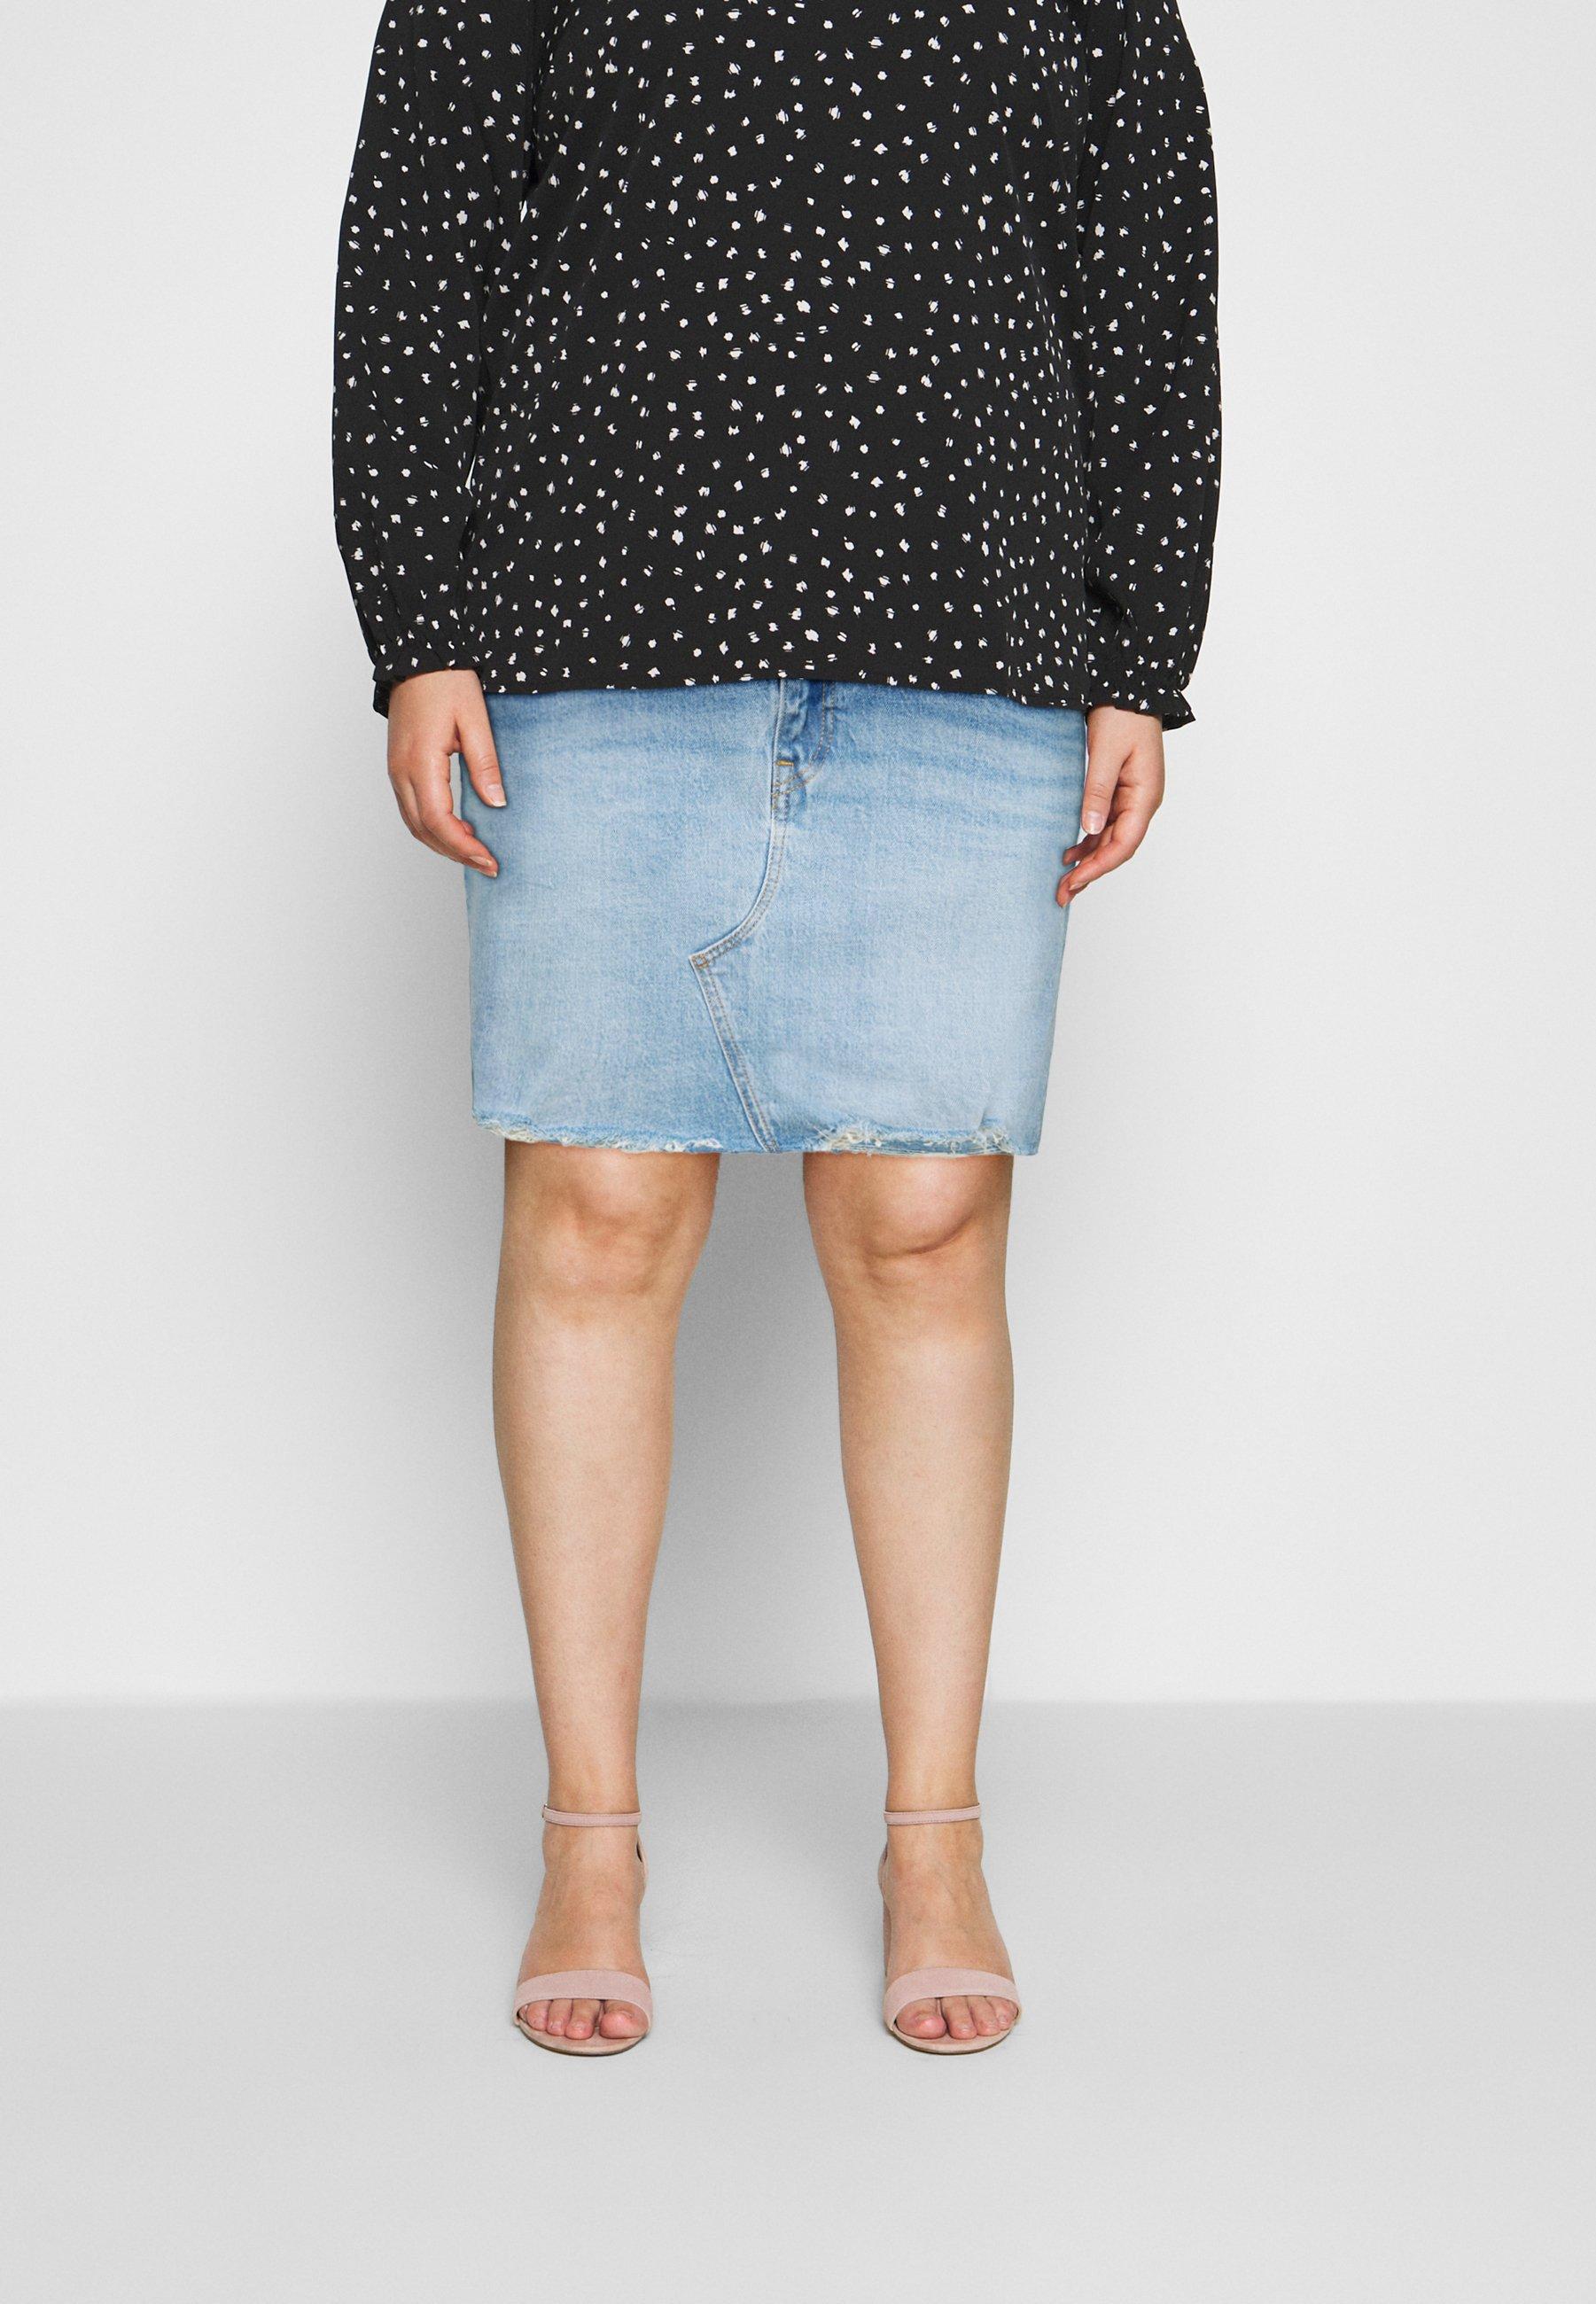 Femme DECONSTRUCTED SKIRT - Minijupe